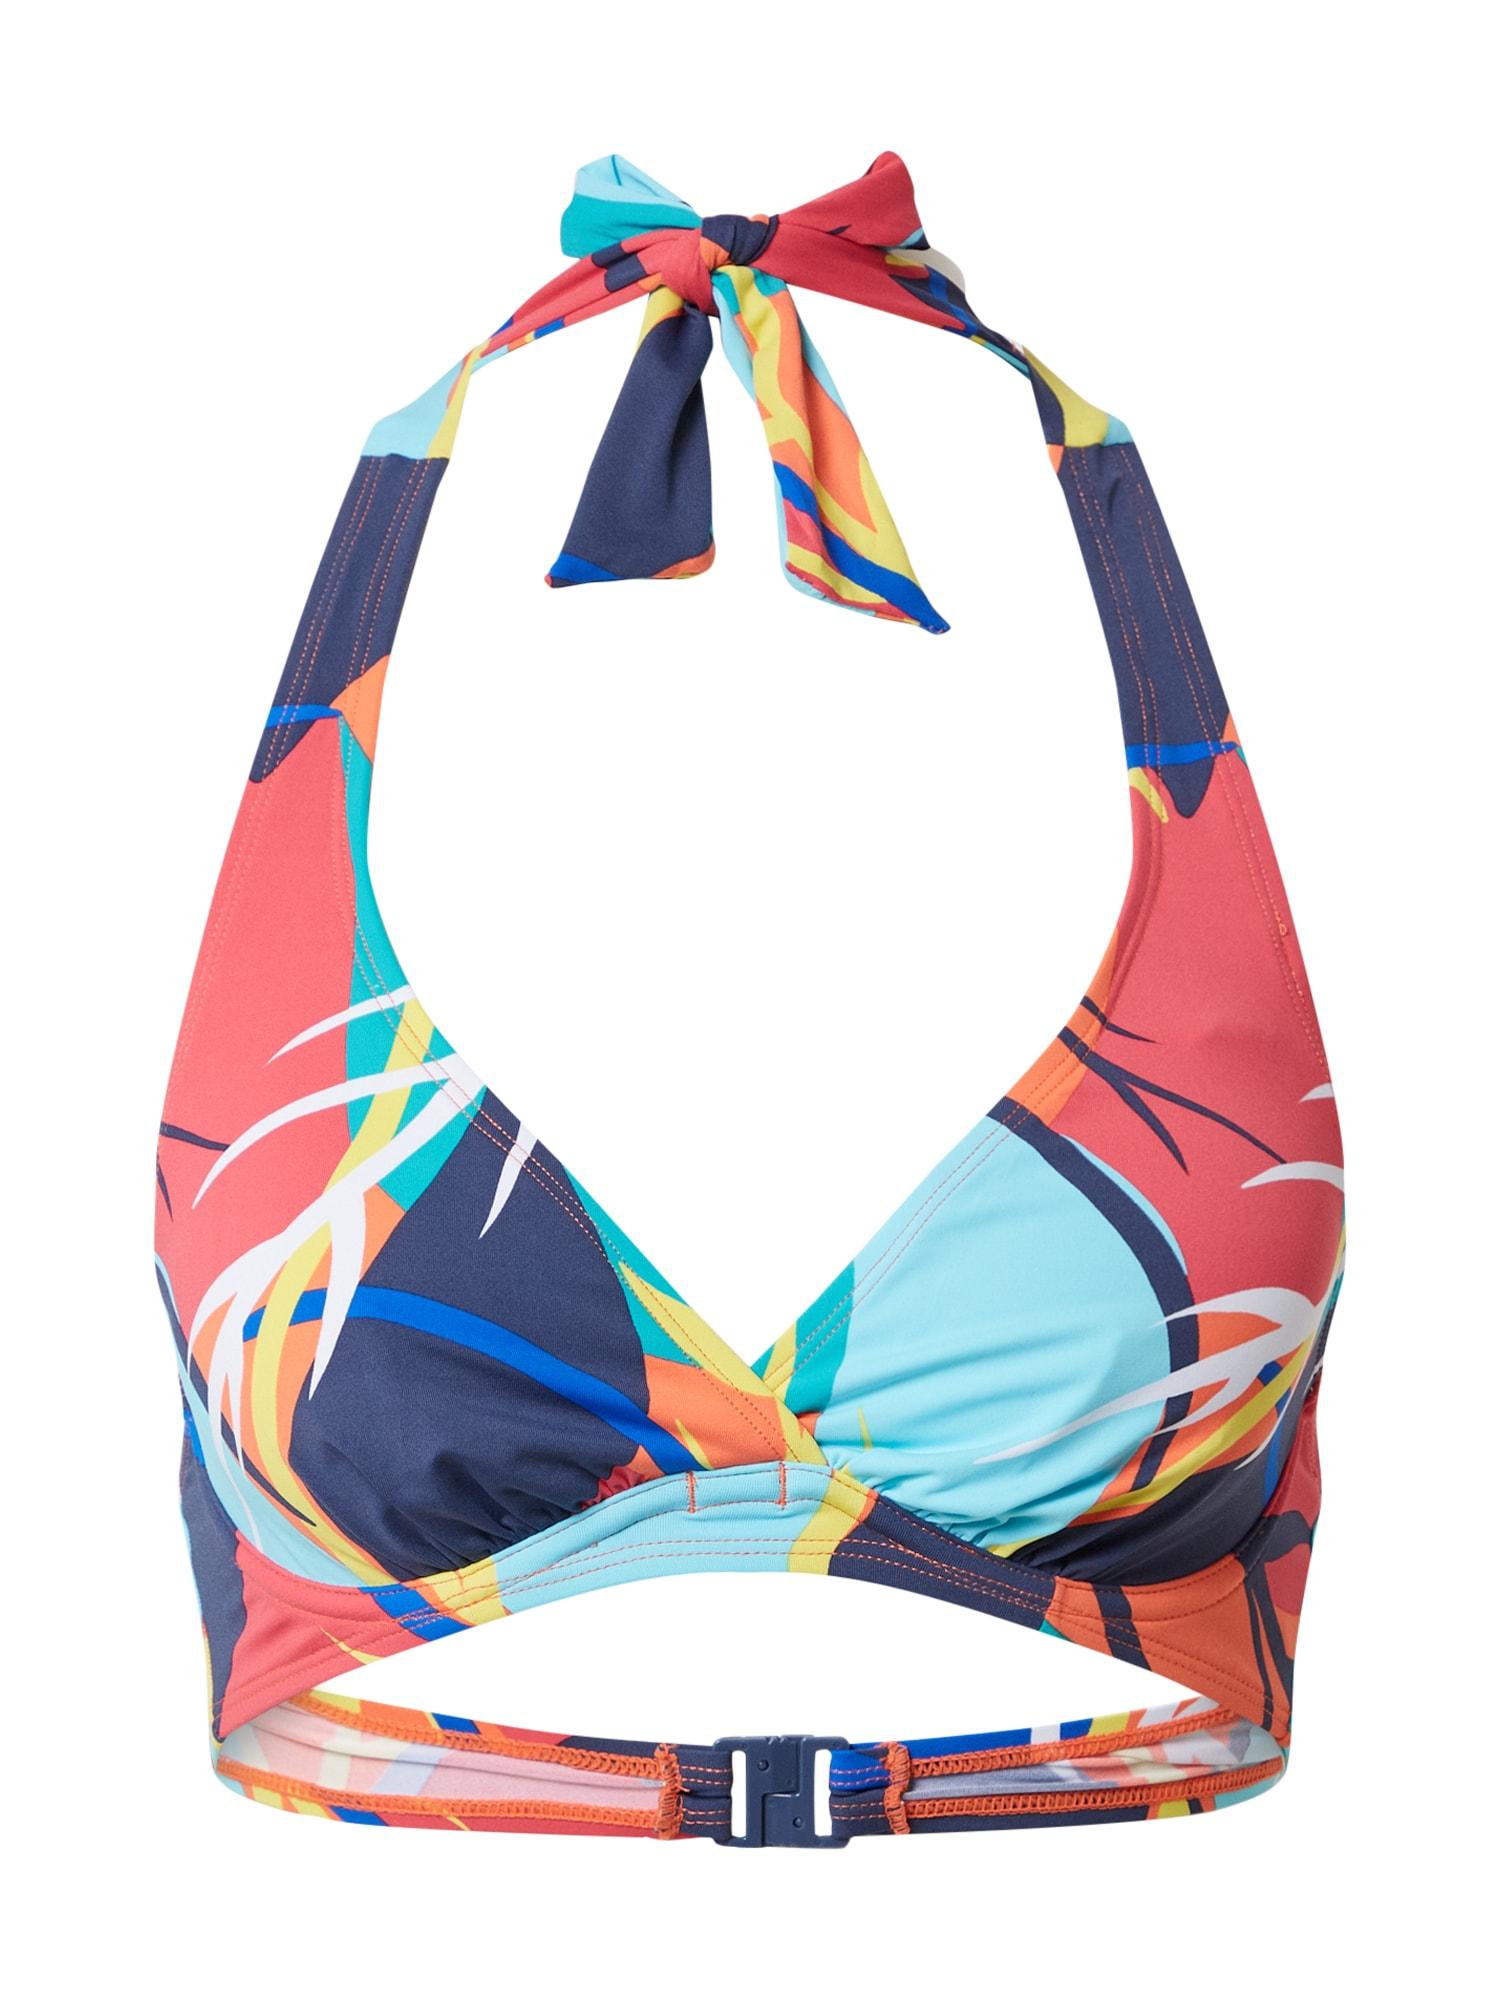 ESPRIT Bikinio viršutinė dalis šviesiai mėlyna / tamsiai mėlyna / mėlyna / oranžinė / turkio spalva / geltona / šviesiai raudona